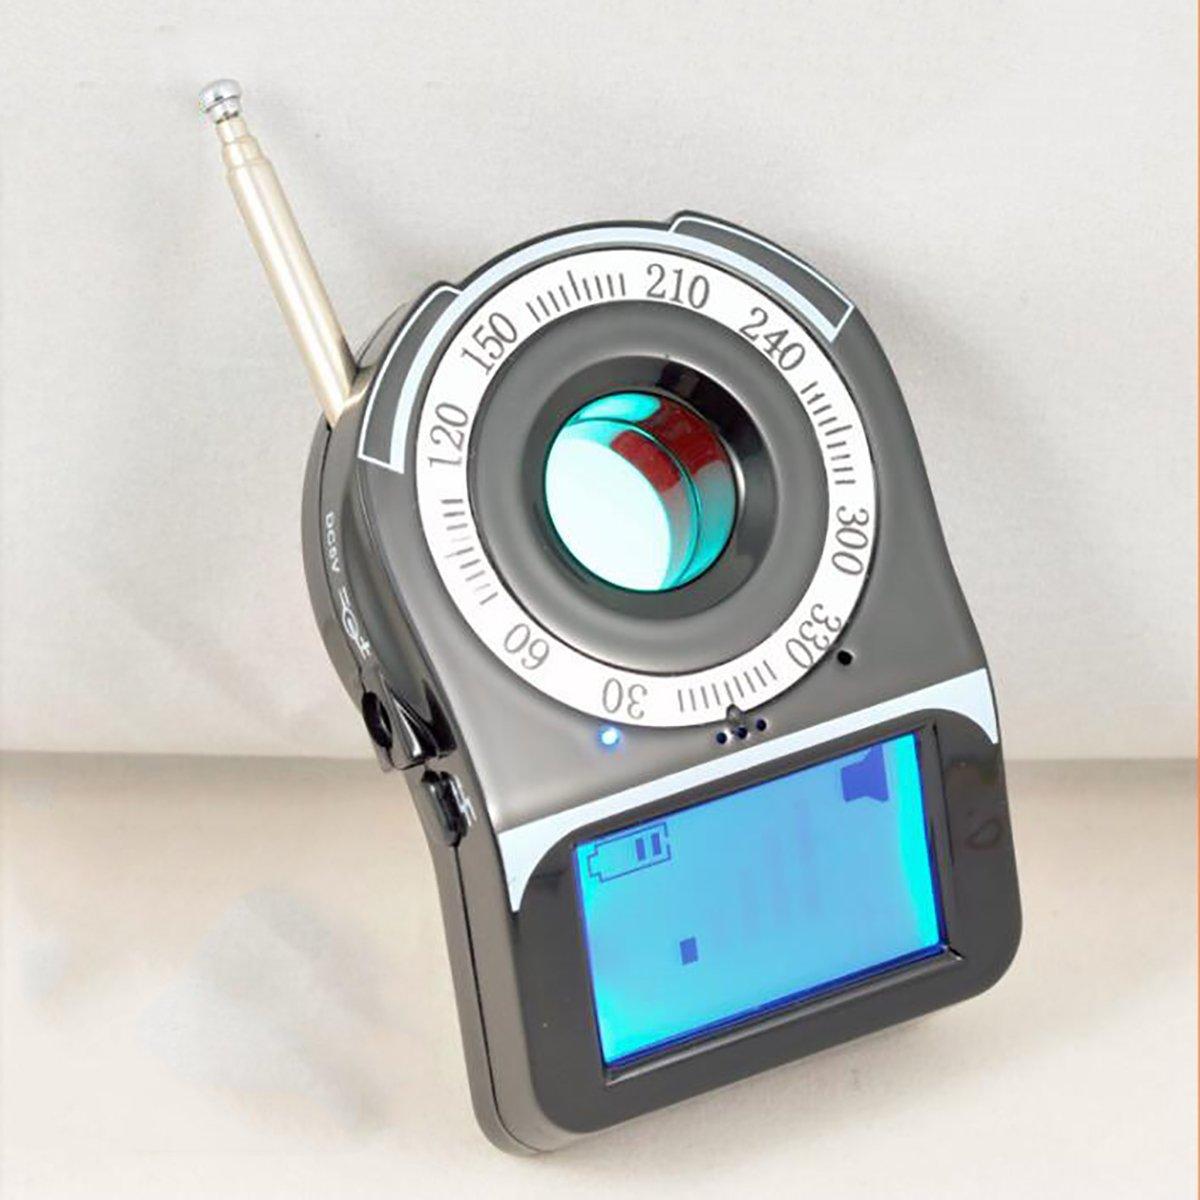 隠しカメラ探知機 盗聴器盗撮器 カメラ発見器 高性能 ワイヤレス、有線 盗聴盗撮防止 防犯グッズ 光学式有線カメラ発見器 B07BKQB6HN